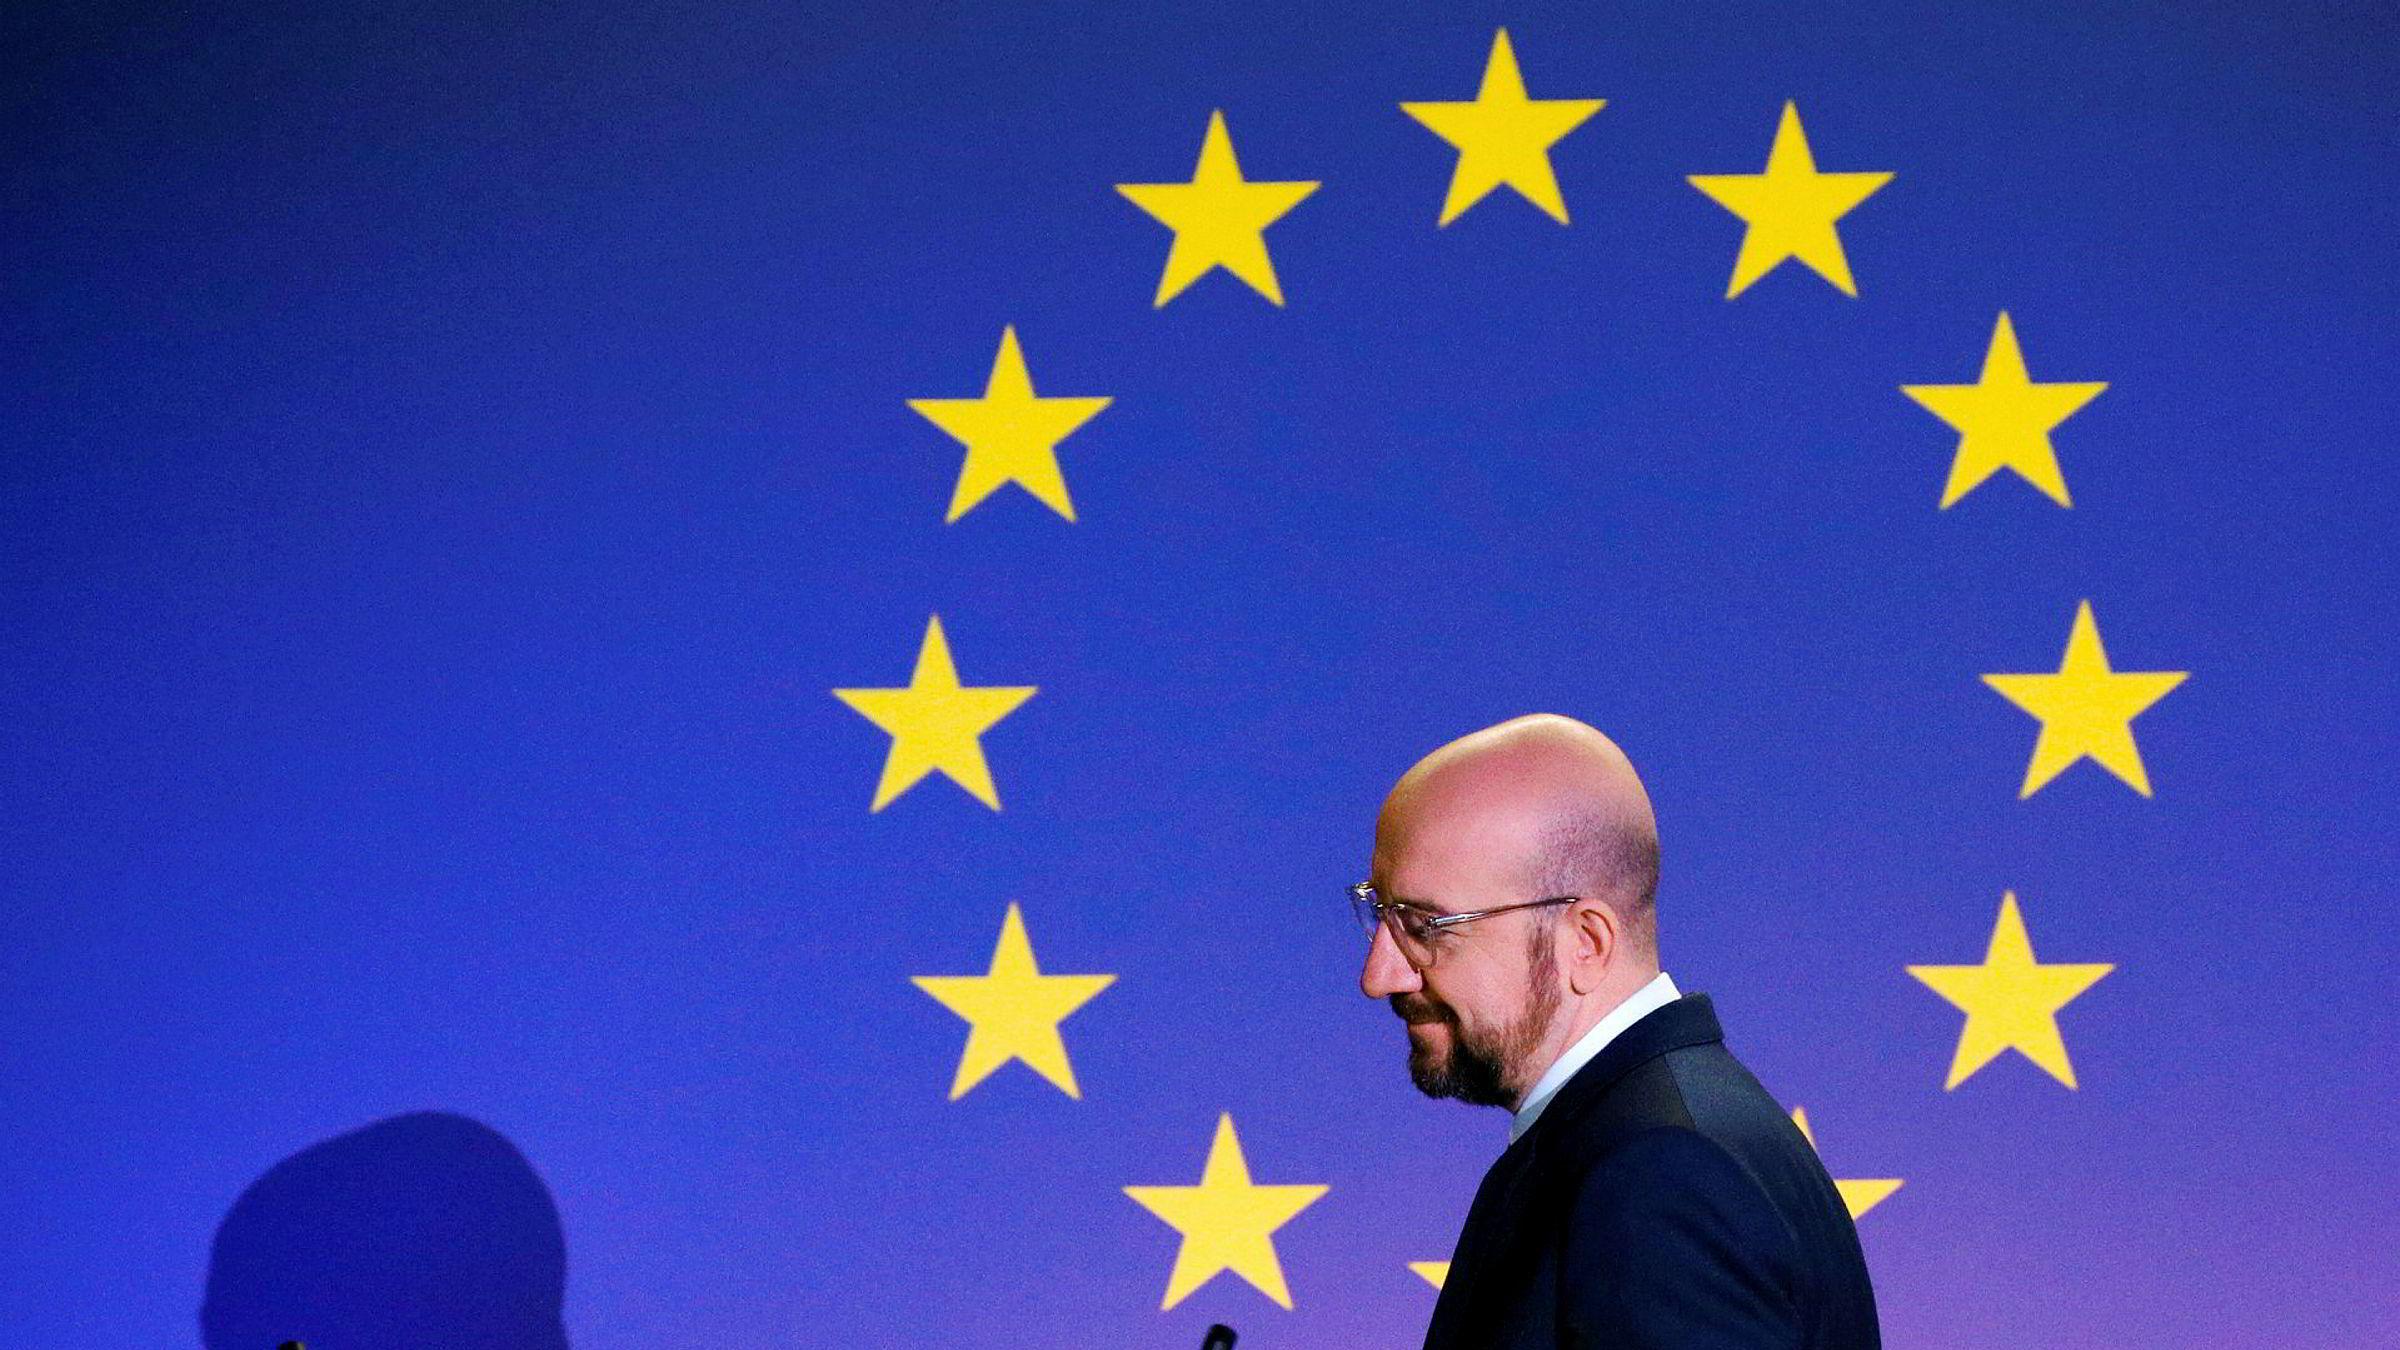 EUs ferske rådspresident Charles Michel leder budsjettforhandlingene. Han er tidligere statsminister i Belgia, med erfaring i å søke kompromiss mellom bitre motstandere. Det kan trengs.